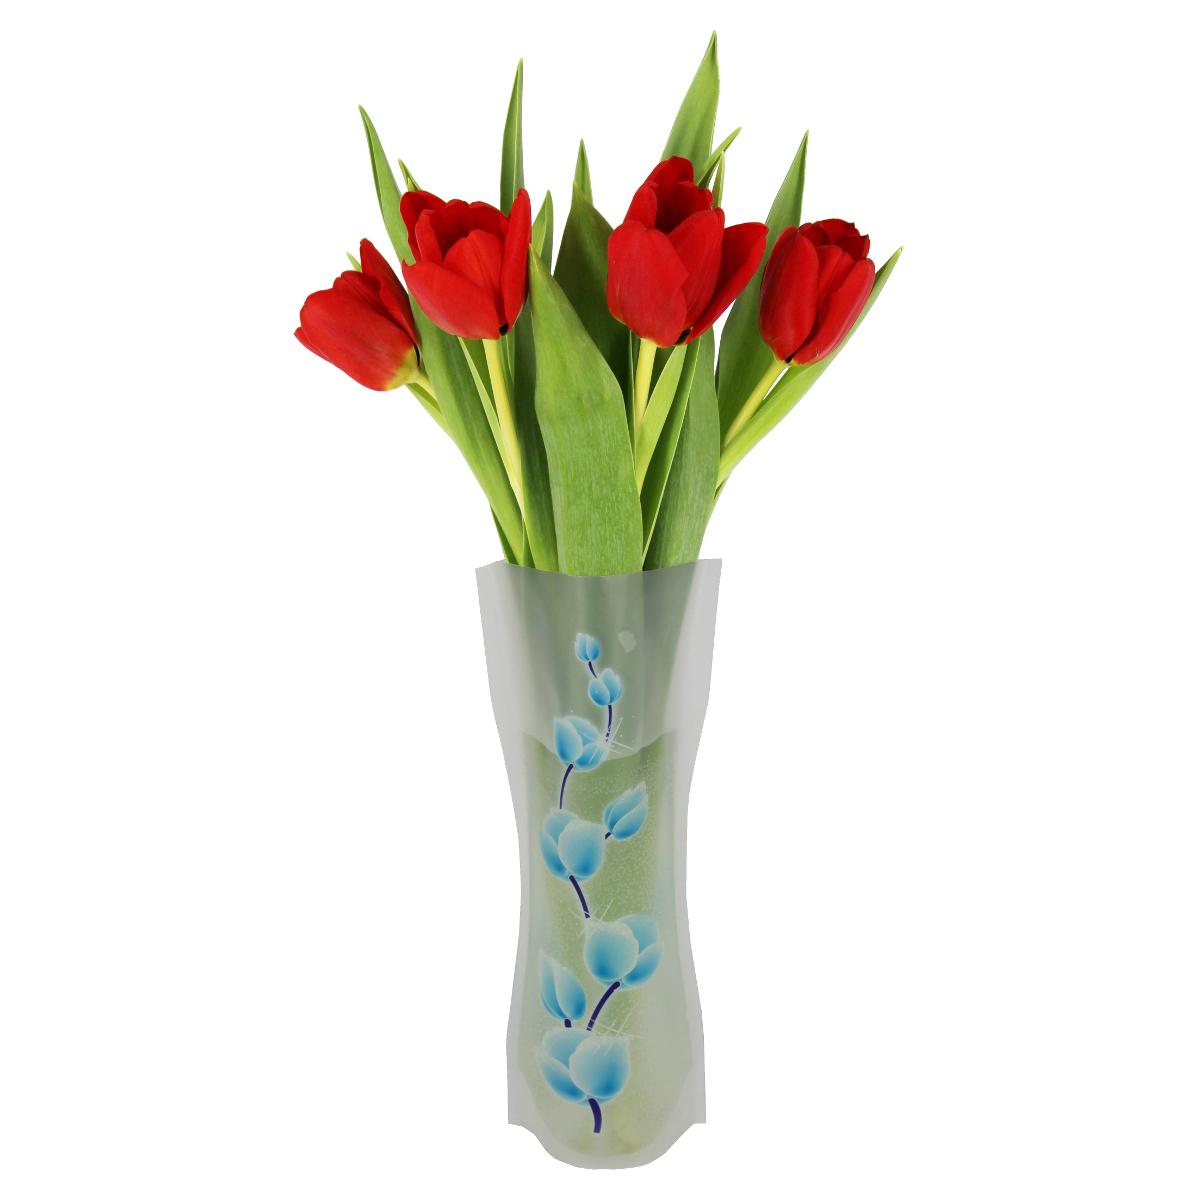 Ваза МастерПроф Синие пионы, пластичная, 1 лHS.040031Пластичная ваза Синие пионы легко складывается, удобно хранится - занимает мало места, долго служит. Всегда пригодится дома, в офисе, на даче, для оформления различных мероприятий. Отлично подойдет для перевозки цветов, или просто в подарок.Инструкция: 1. Наполните вазу теплой водой;2. Дно и стенки расправятся;3. Вылейте воду;4. Наполните вазу холодной водой;5. Вставьте цветы.Меры предосторожности:Хранить вдали от источников тепла и яркого солнечного света. С осторожностью применять для растений с длинными стеблями и с крупными соцветиями, что бы избежать опрокидывания вазы.